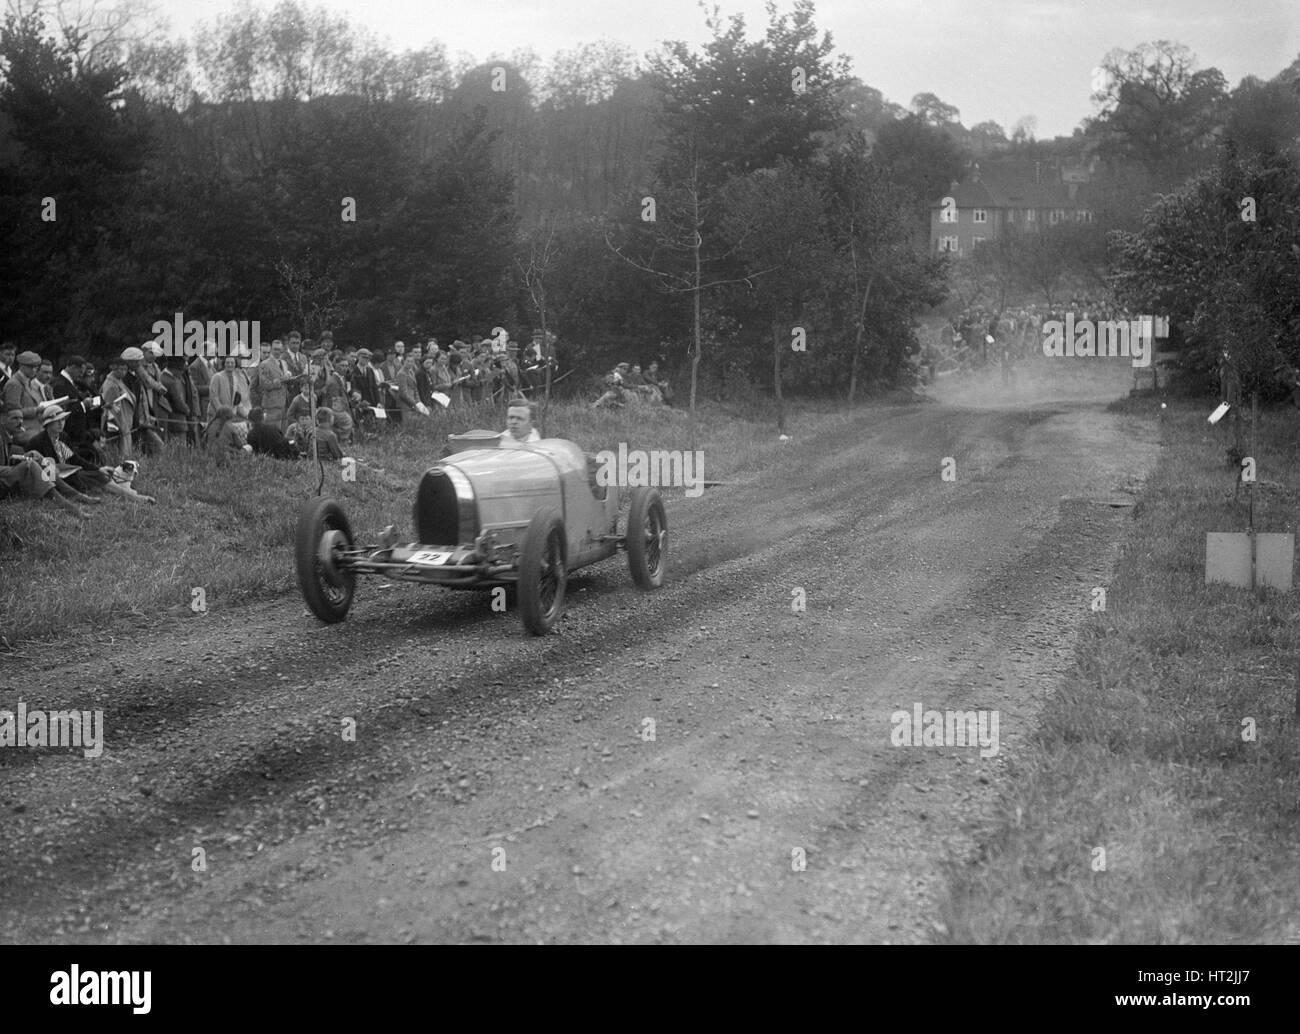 Bugatti Type 35, Bugatti Owners Club Hill Climb, Chalfont St Peter, Buckinghamshire, 1935. Artist: Bill Brunell. - Stock Image